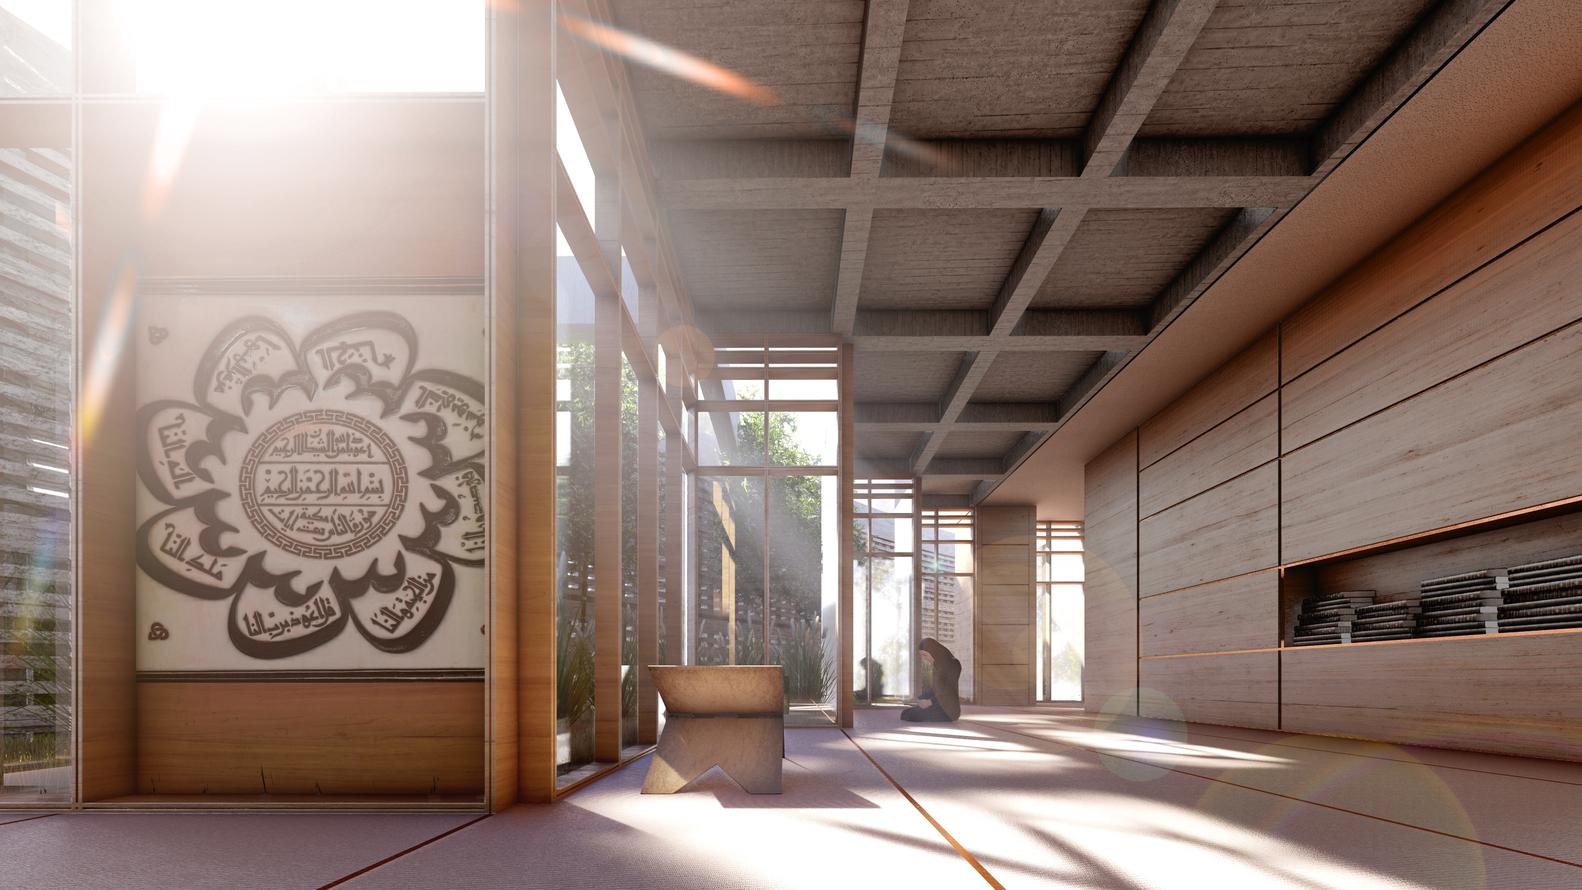 BeOffice Geleneksel Cami Mimarisini Yeniden Yorumladı 11